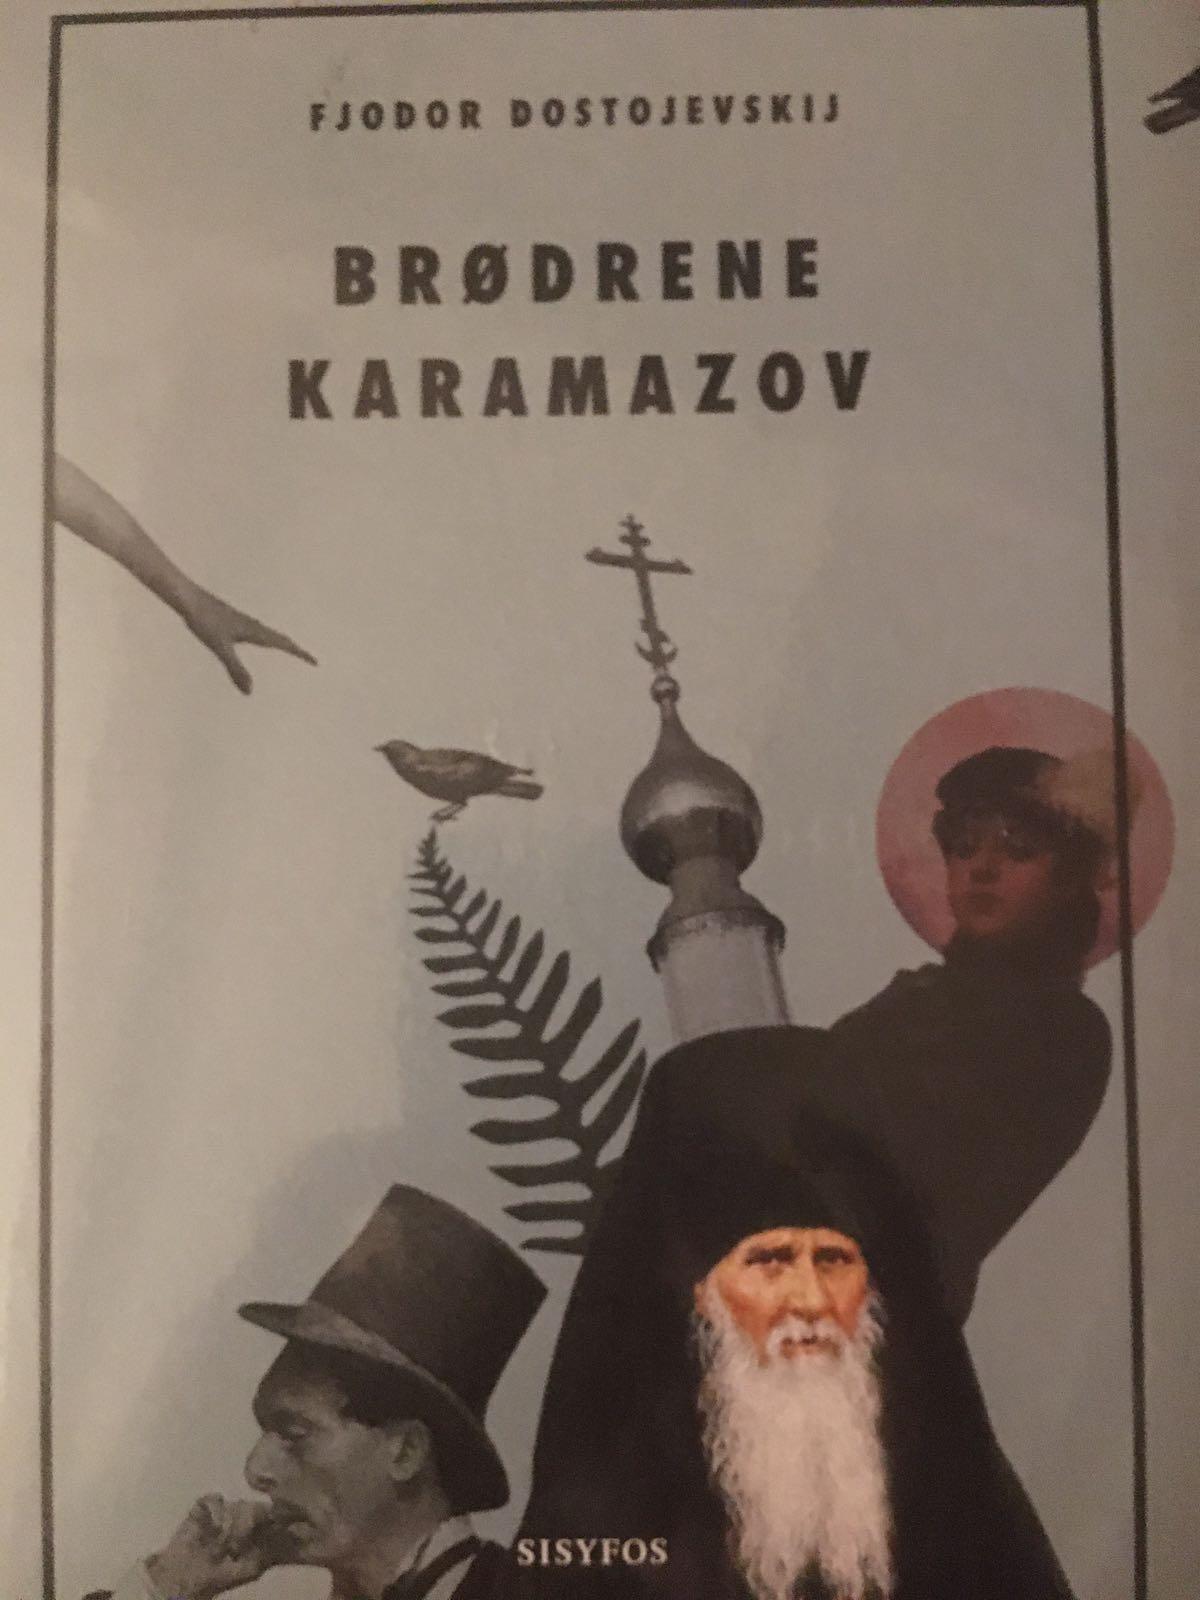 Brødrene Karamazov af Fjodor Dostojevskij